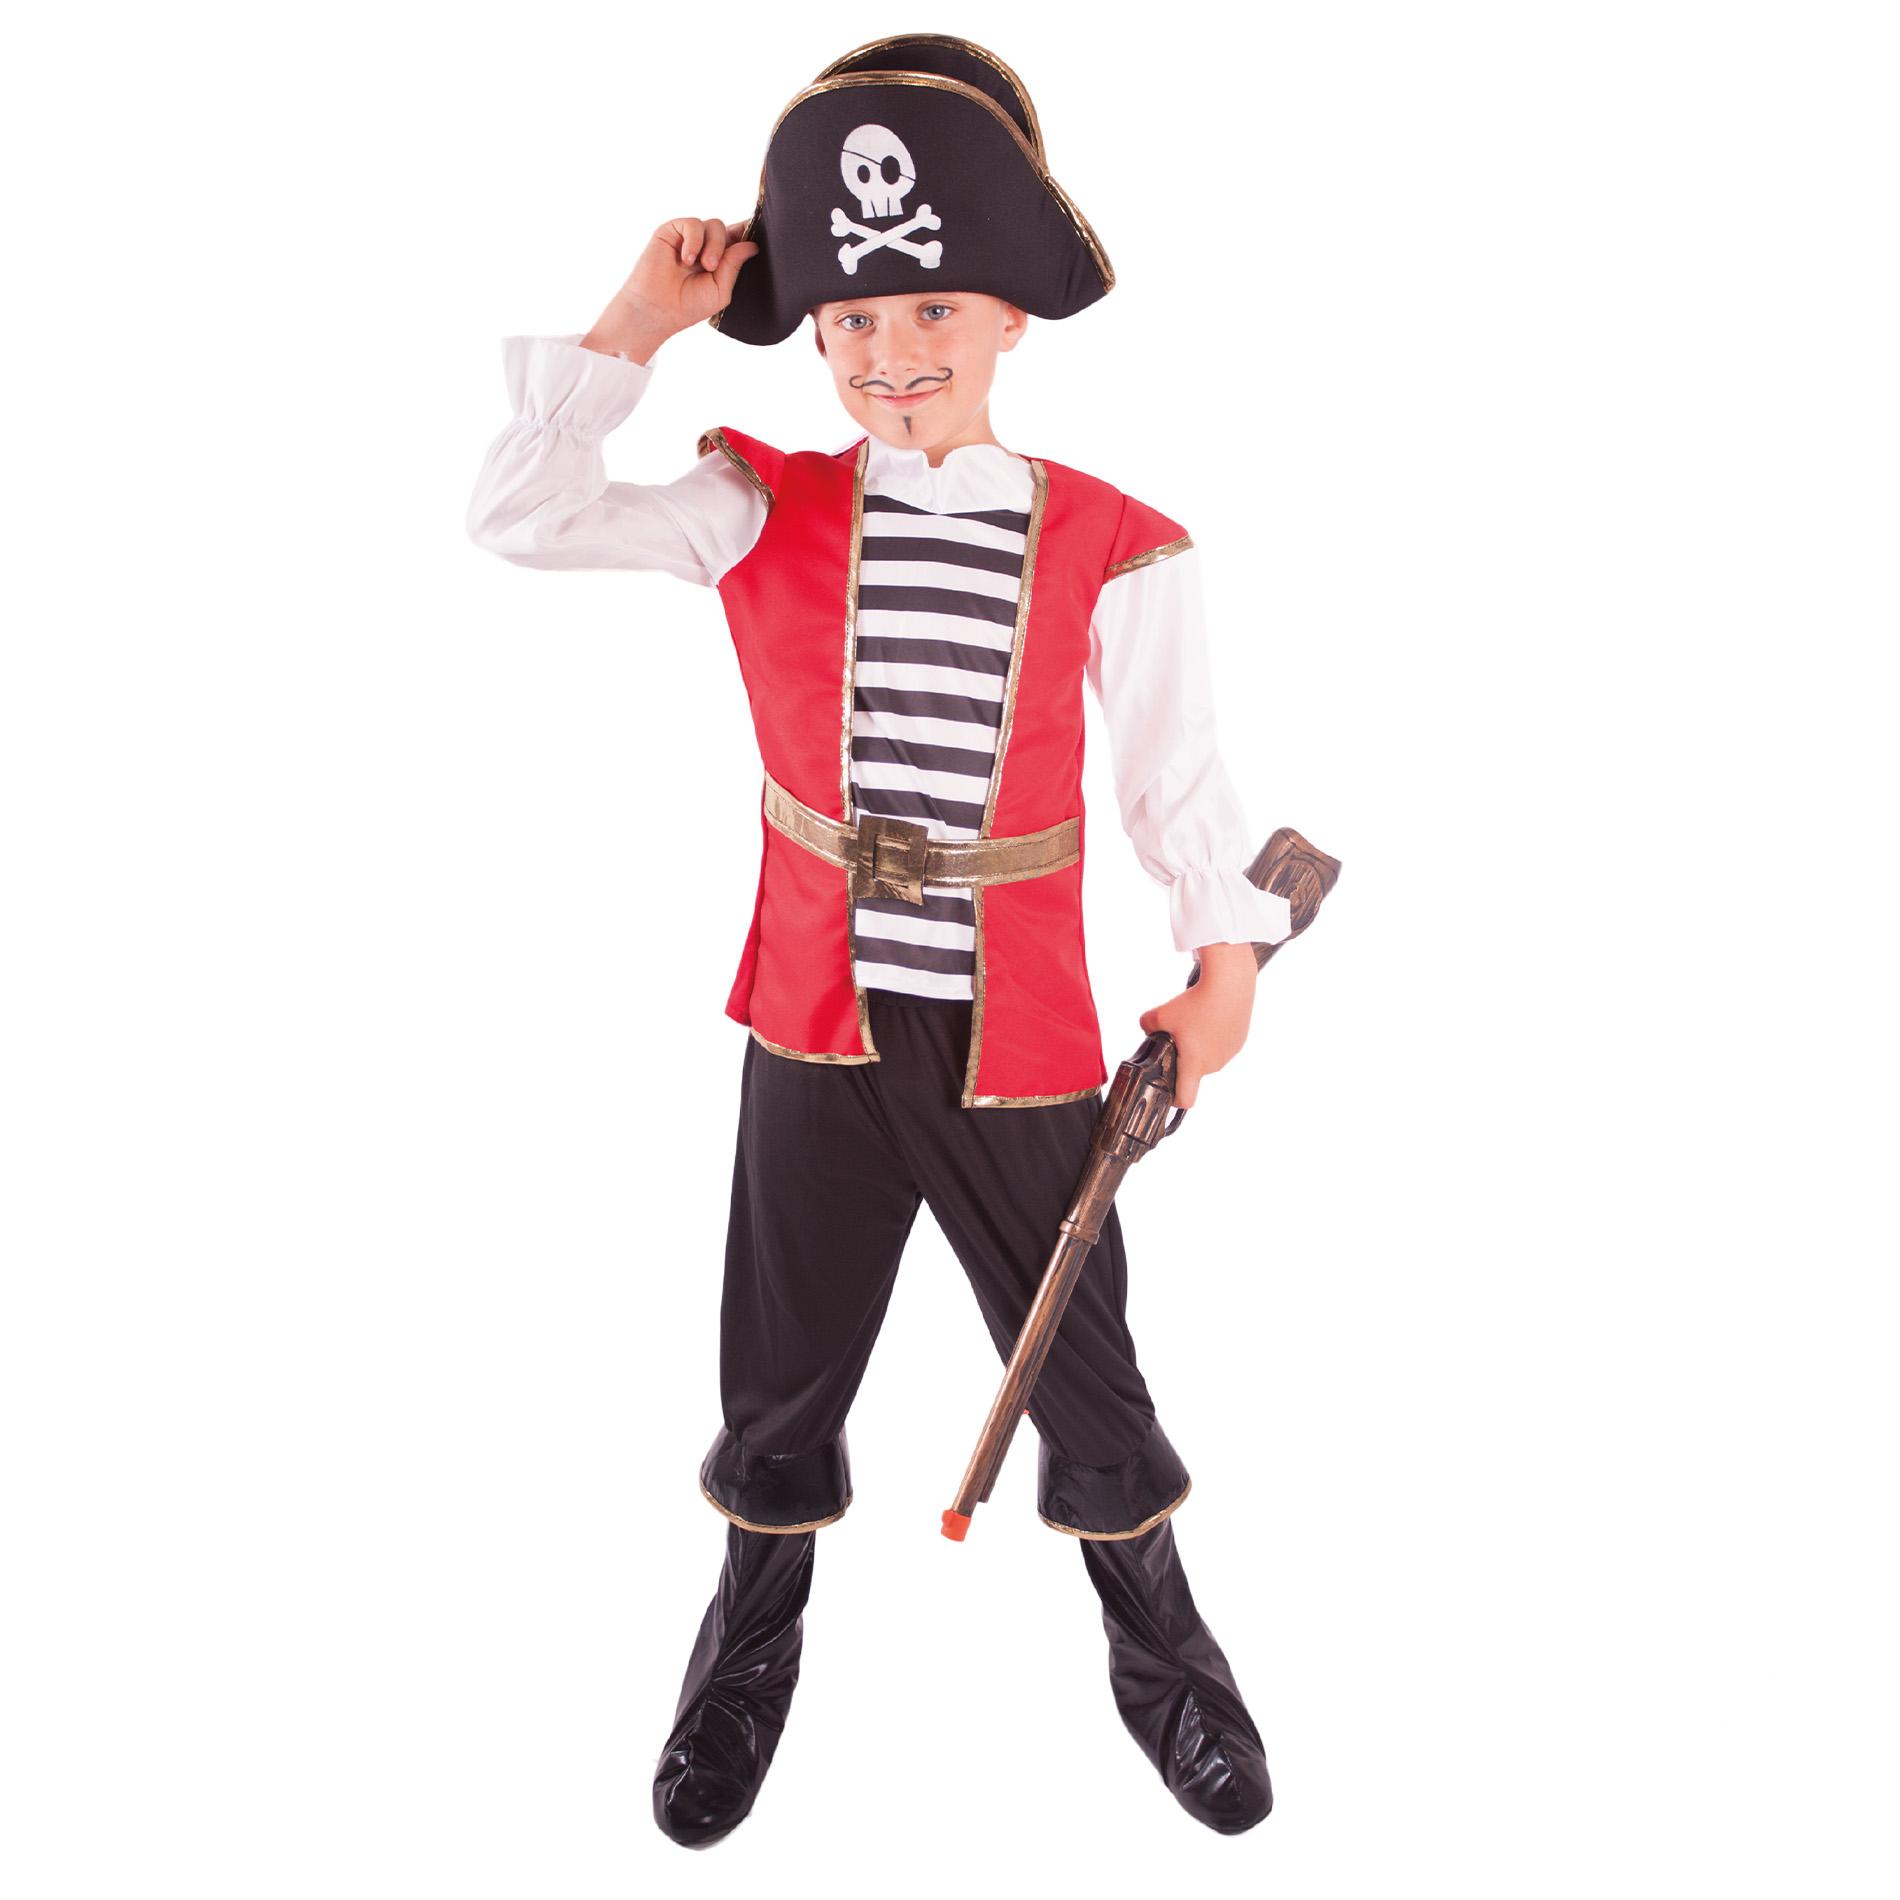 Dětský kostým pirát s kloboukem (M)